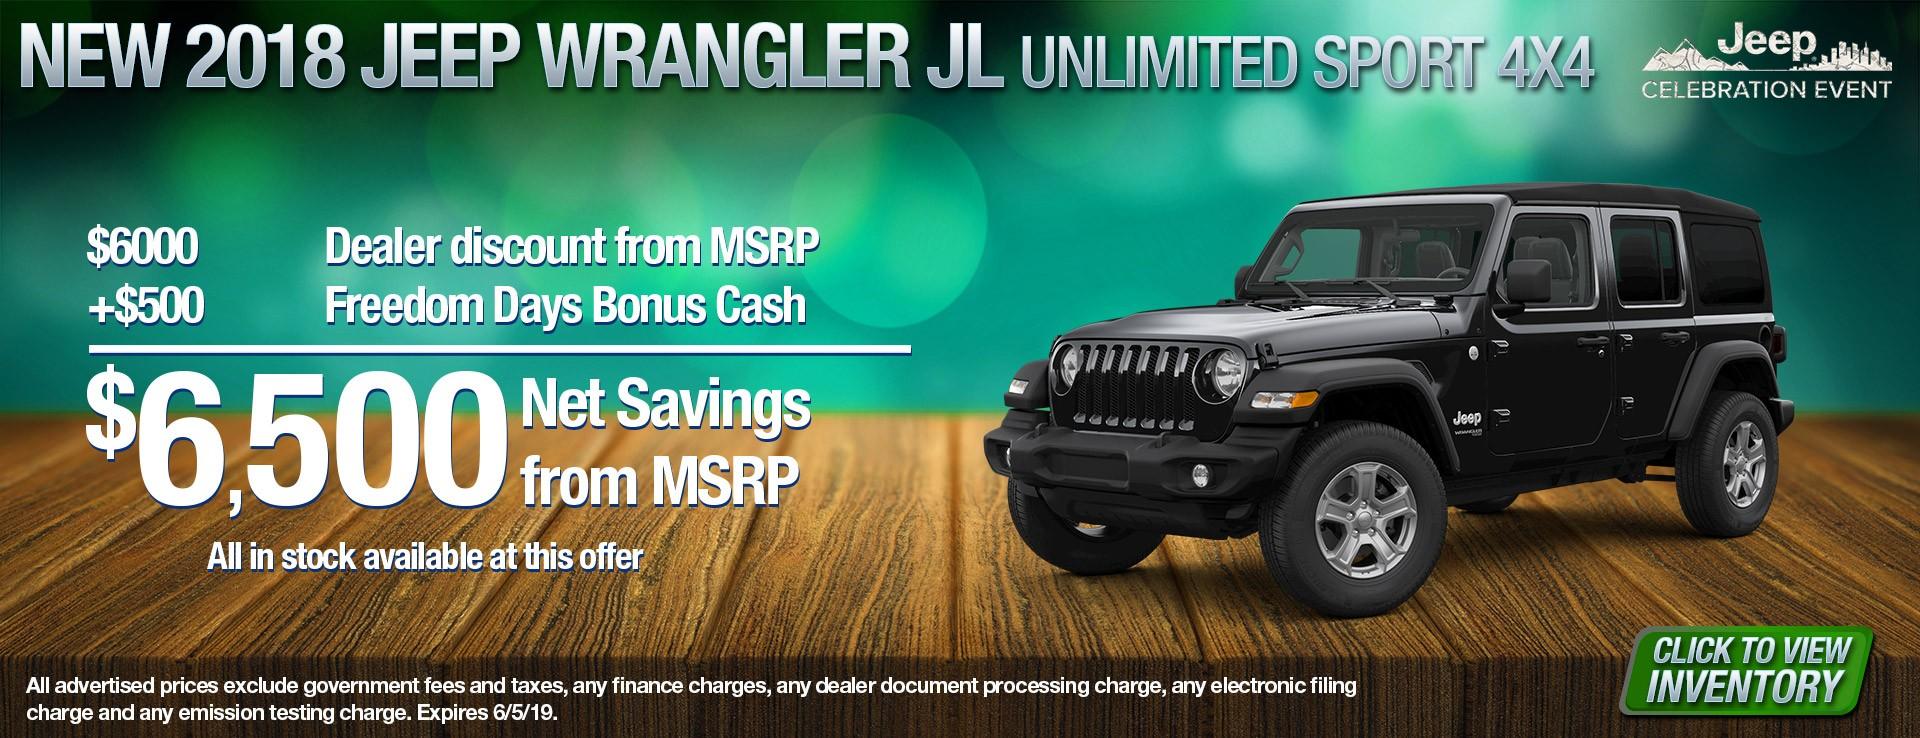 18 Jeep Wrangler